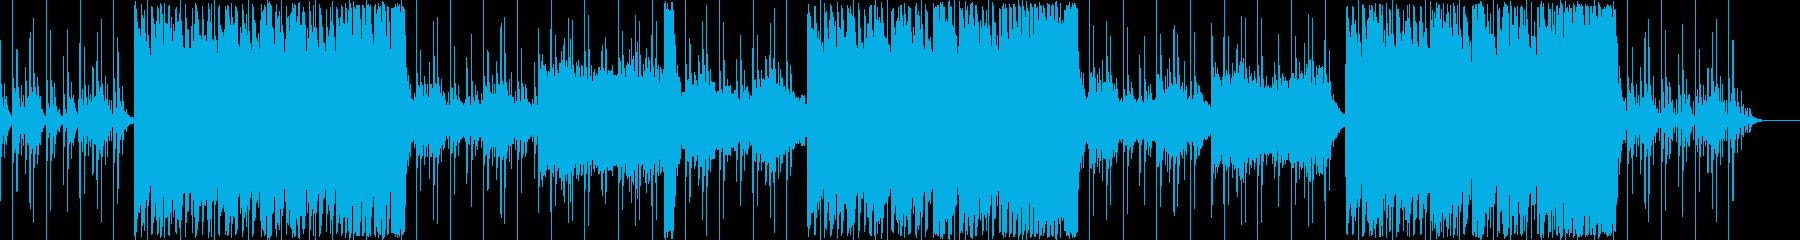 壮大で感動的なオーケストラバラードの再生済みの波形